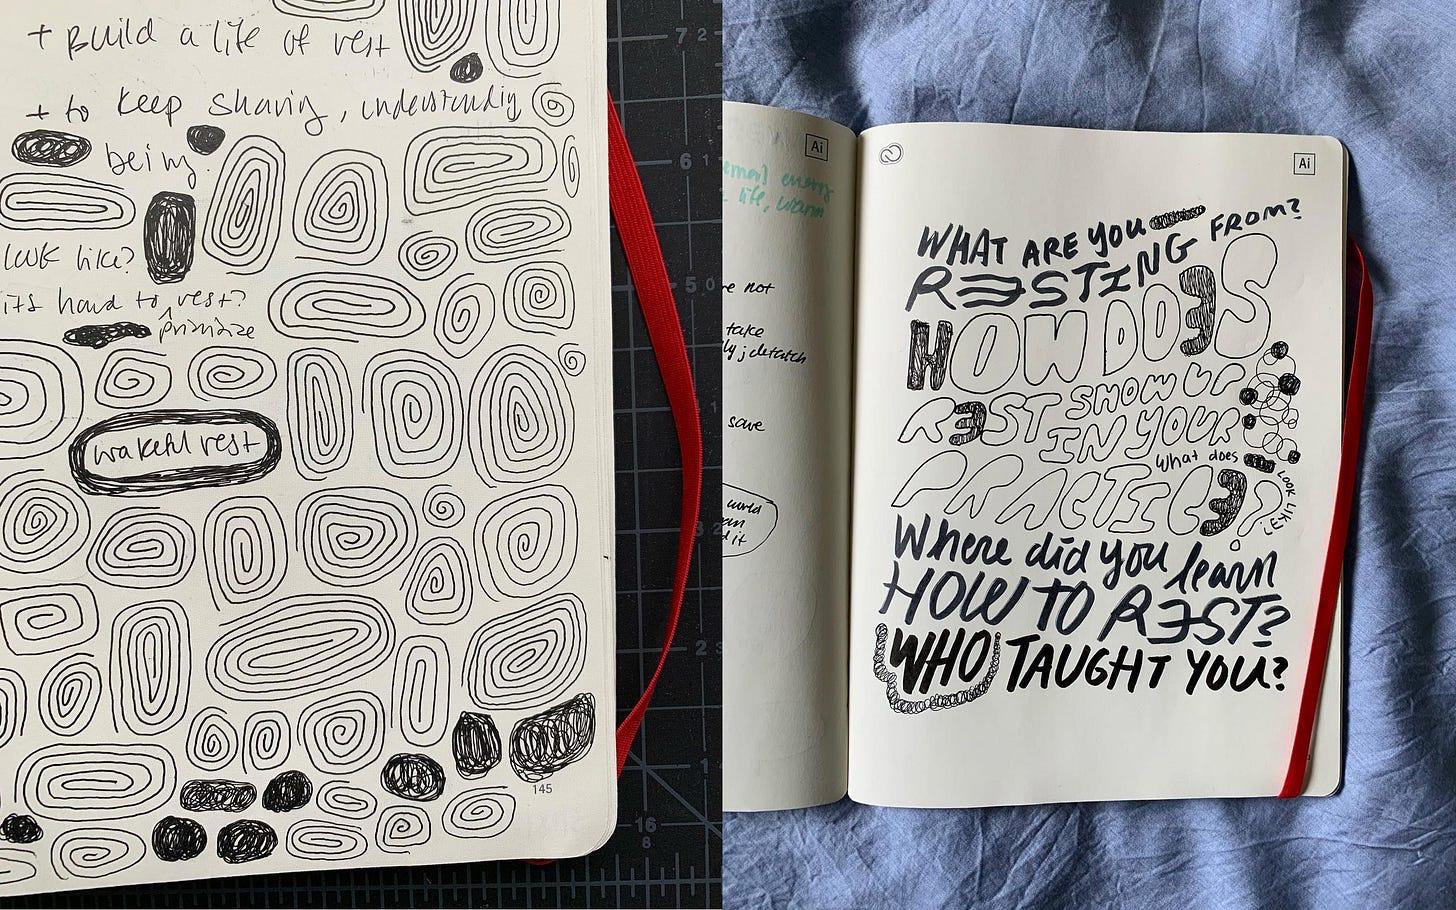 Bianca's doodles from her conversations in her sketchbook